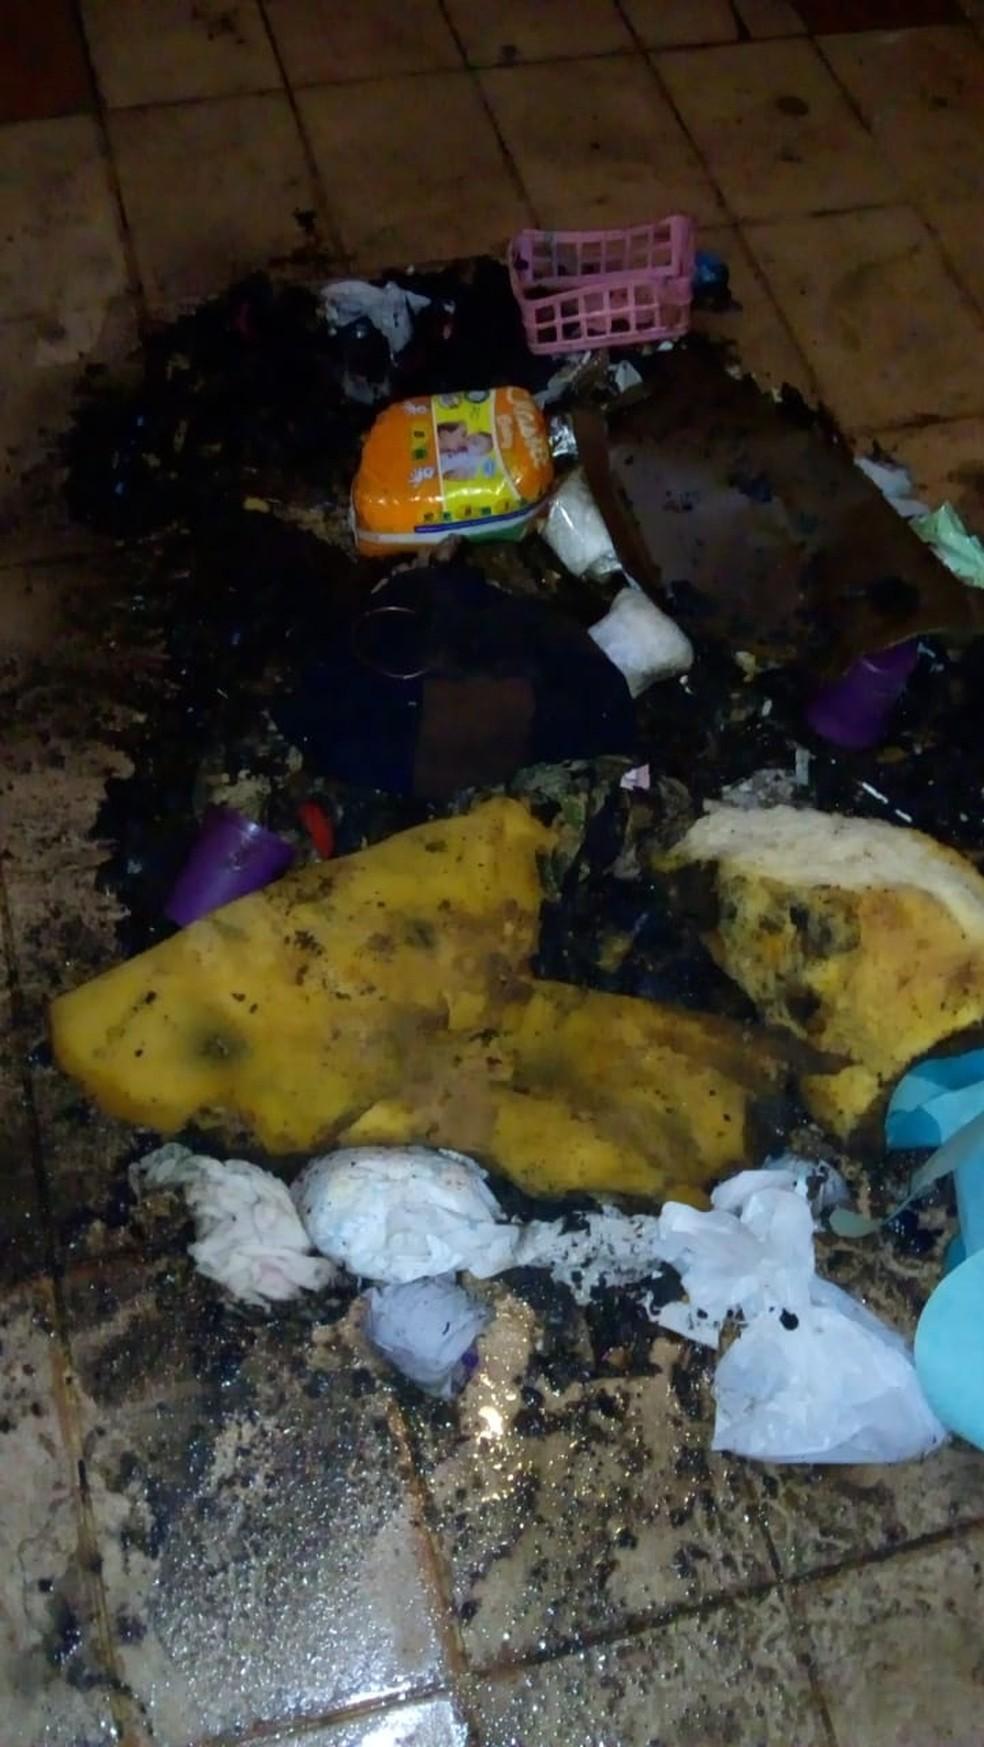 Quarto de recém-nascida ficou destruído pelas chamas, em Campo Grande. — Foto: Arquivo Pessoal/Maeli Valente